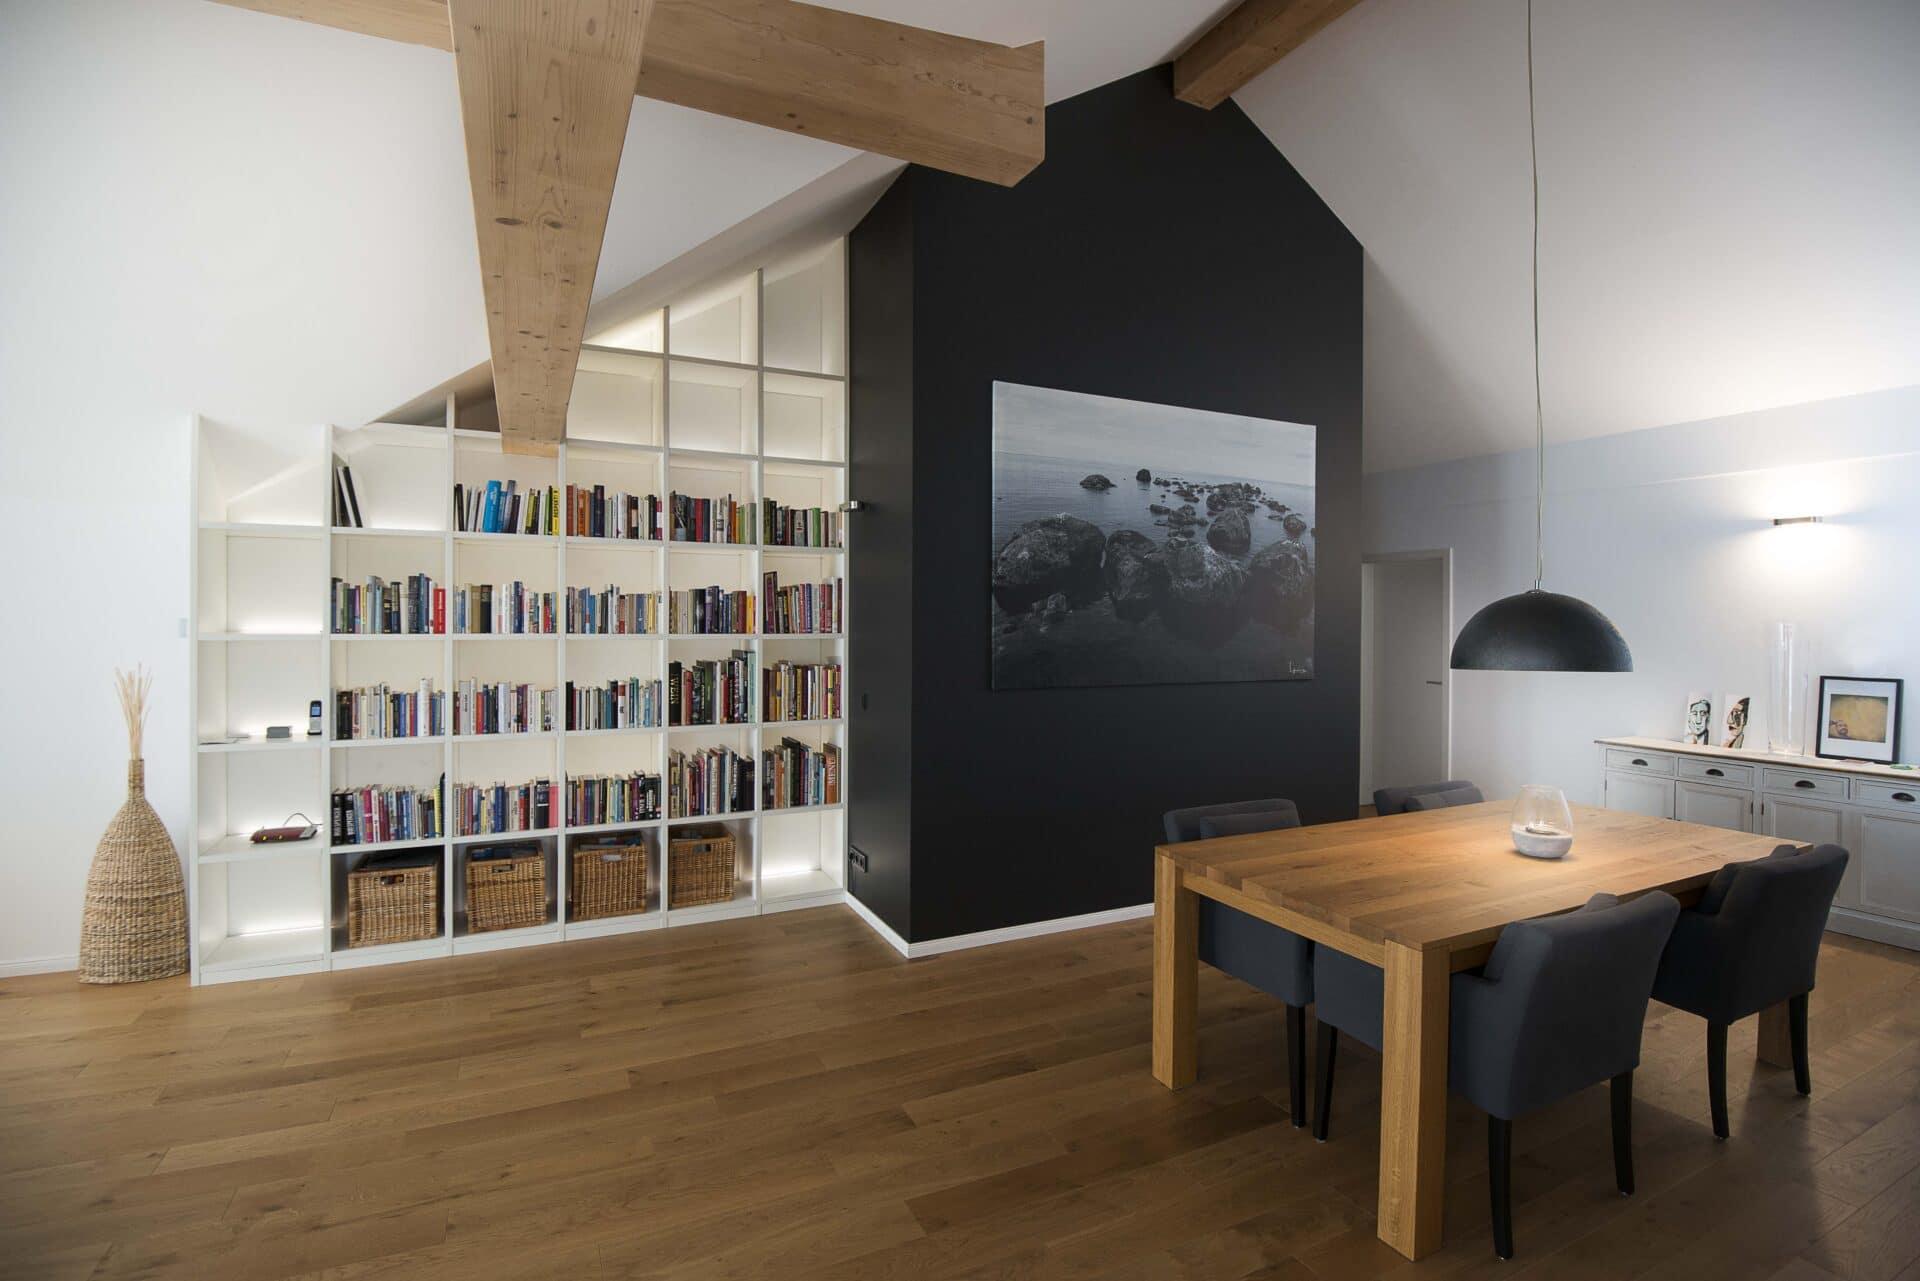 Bücherregal | Heusenstamm